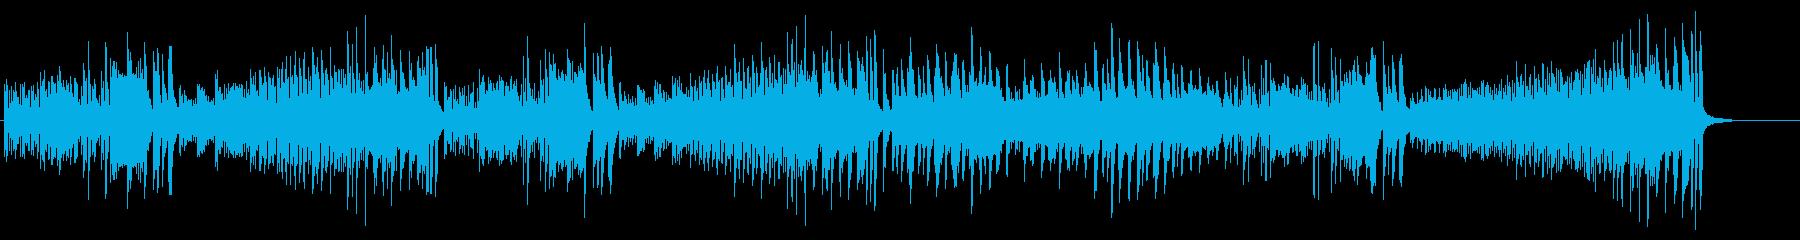 なんか変な感じのピアノ曲(2台ピアノ)の再生済みの波形